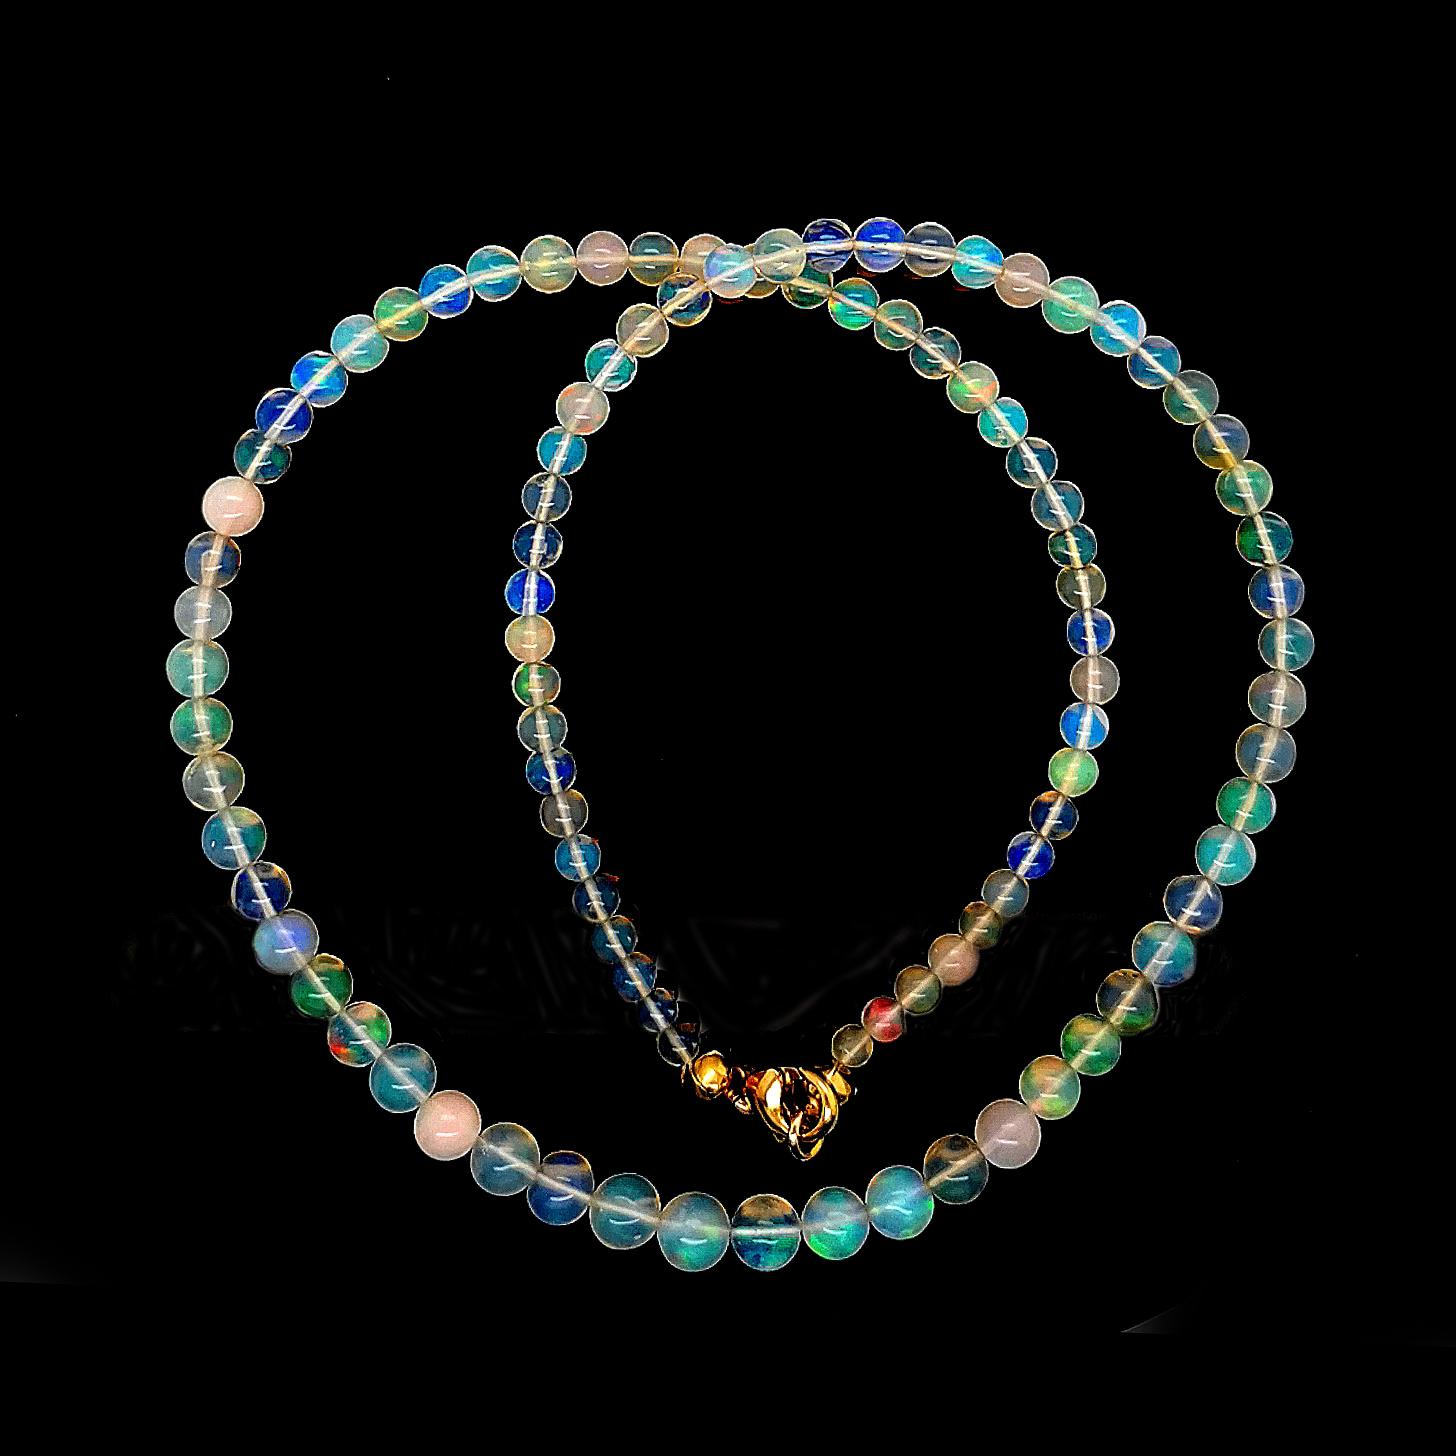 Kristallopal, weiß-opalisierend, Afrika, Kugel, ca. 35ct. Edelstein, Gelbgold 375/000, COLLIER, Sogni d´oro